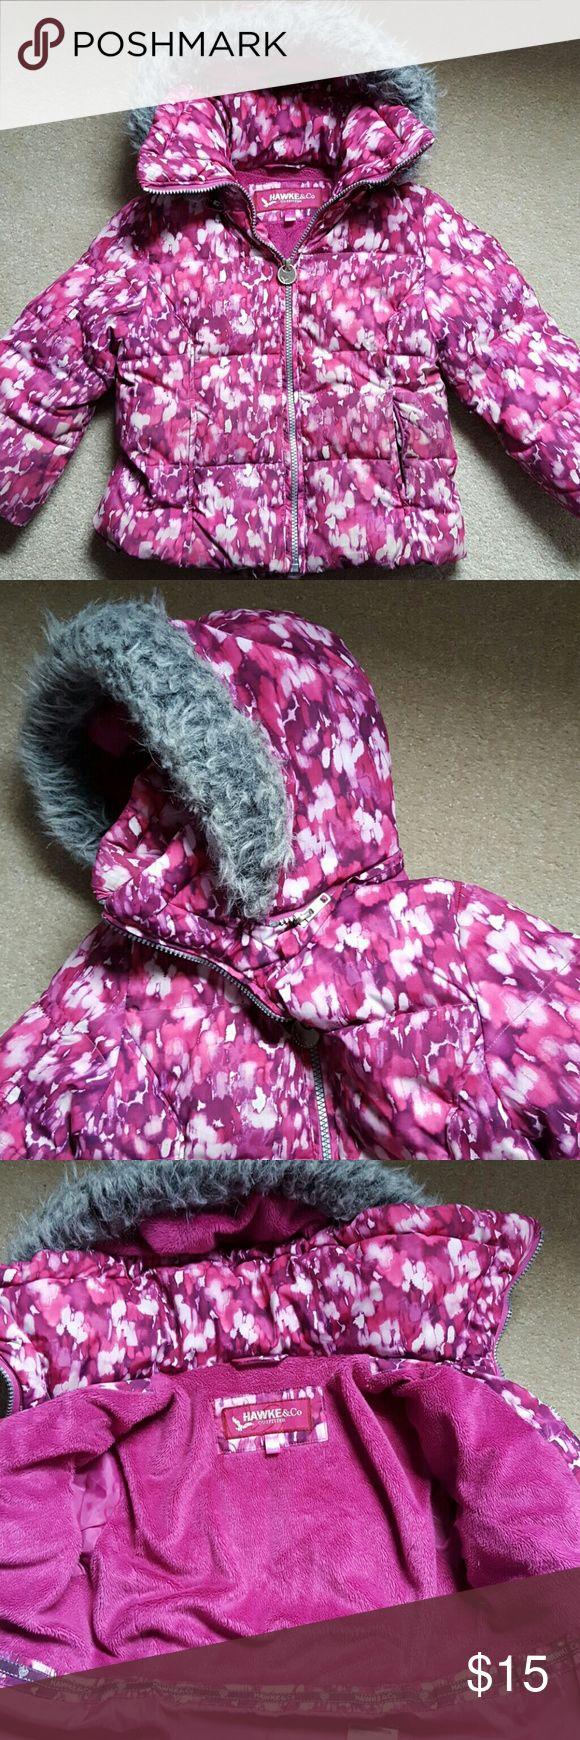 Hawke & Co Kids Winter Jacket Size 4 zip off hood winter machine washable winter jacket Hawke & Co Jackets & Coats